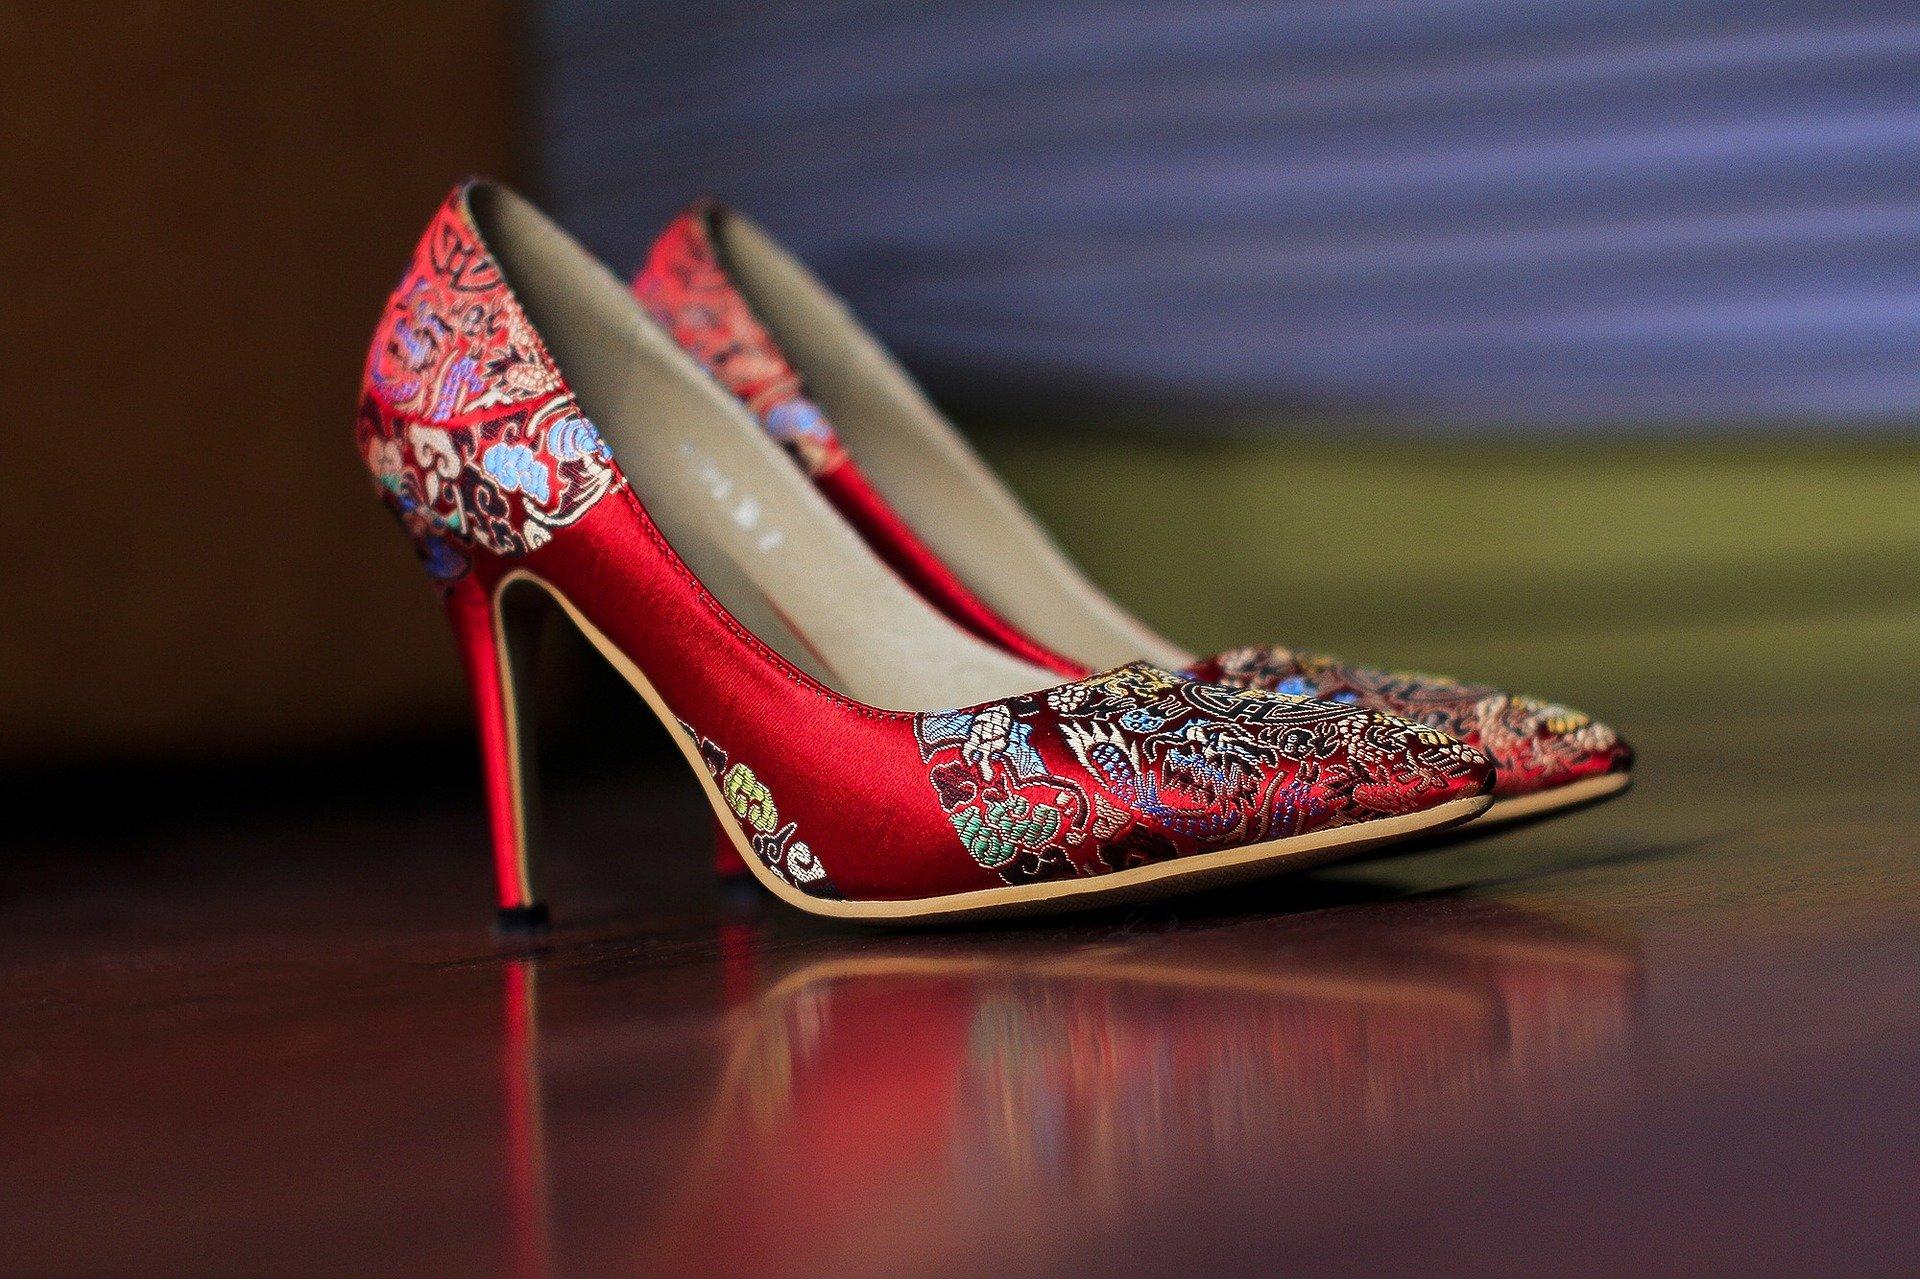 Японец арестован за кражу женской обуви и замену ее новой